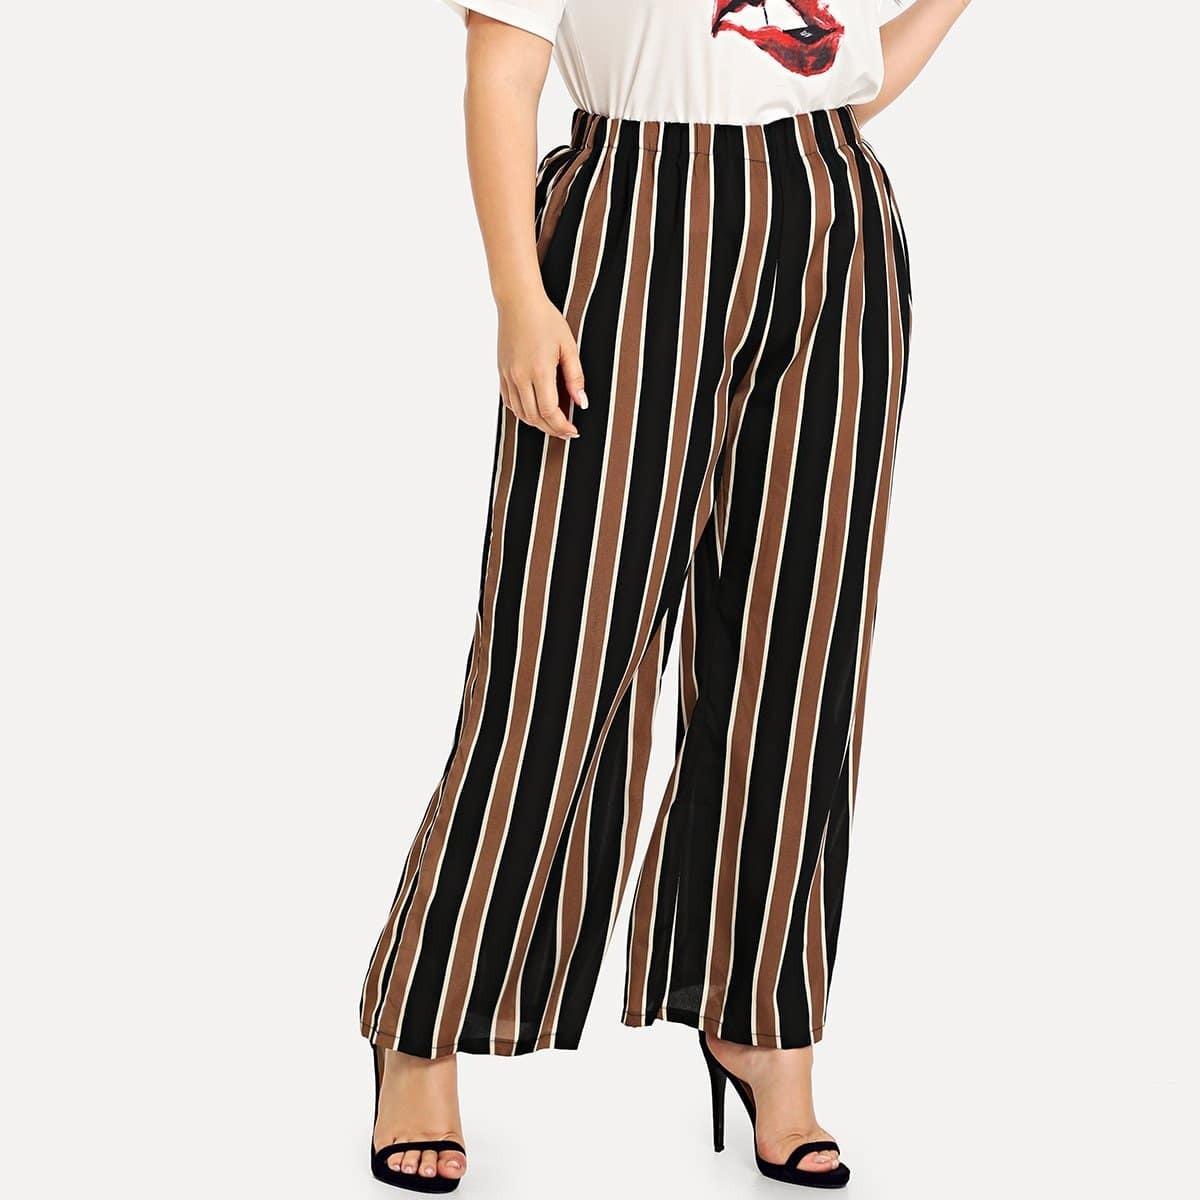 Striped Wide Leg Pants work style striped women s wide leg ninth pants